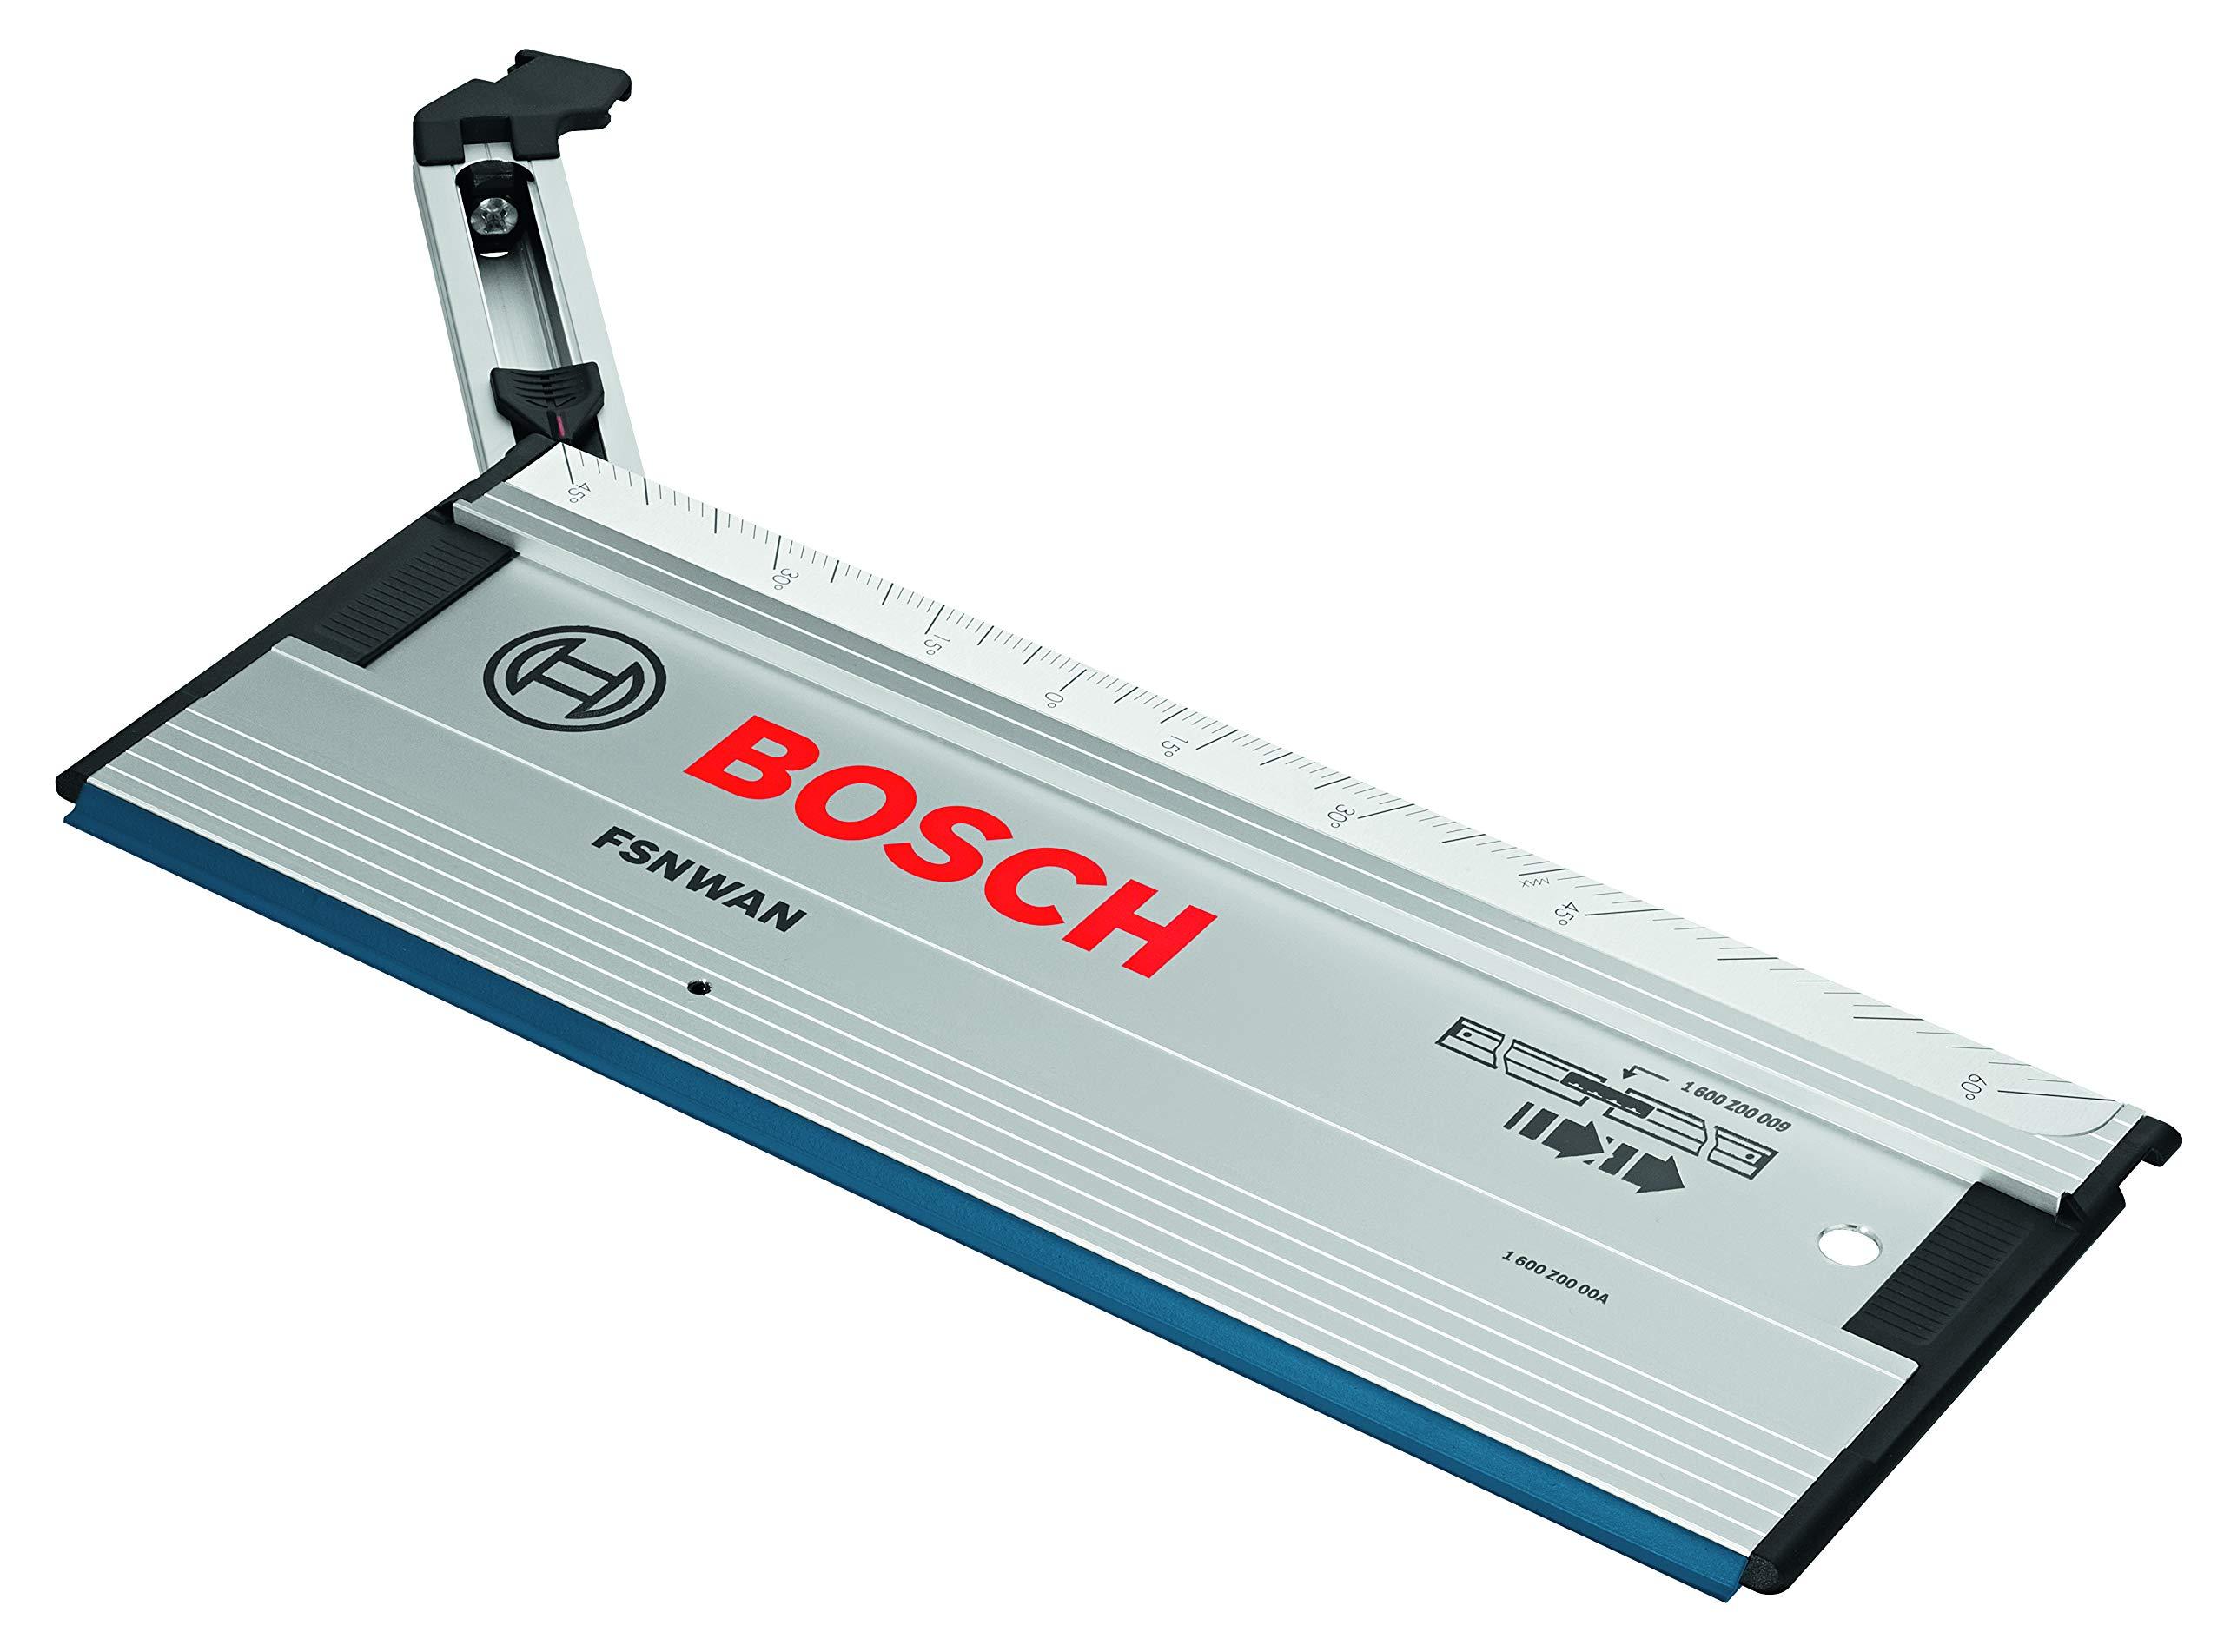 Bosch FSNWAN Track Miter Guide by Bosch